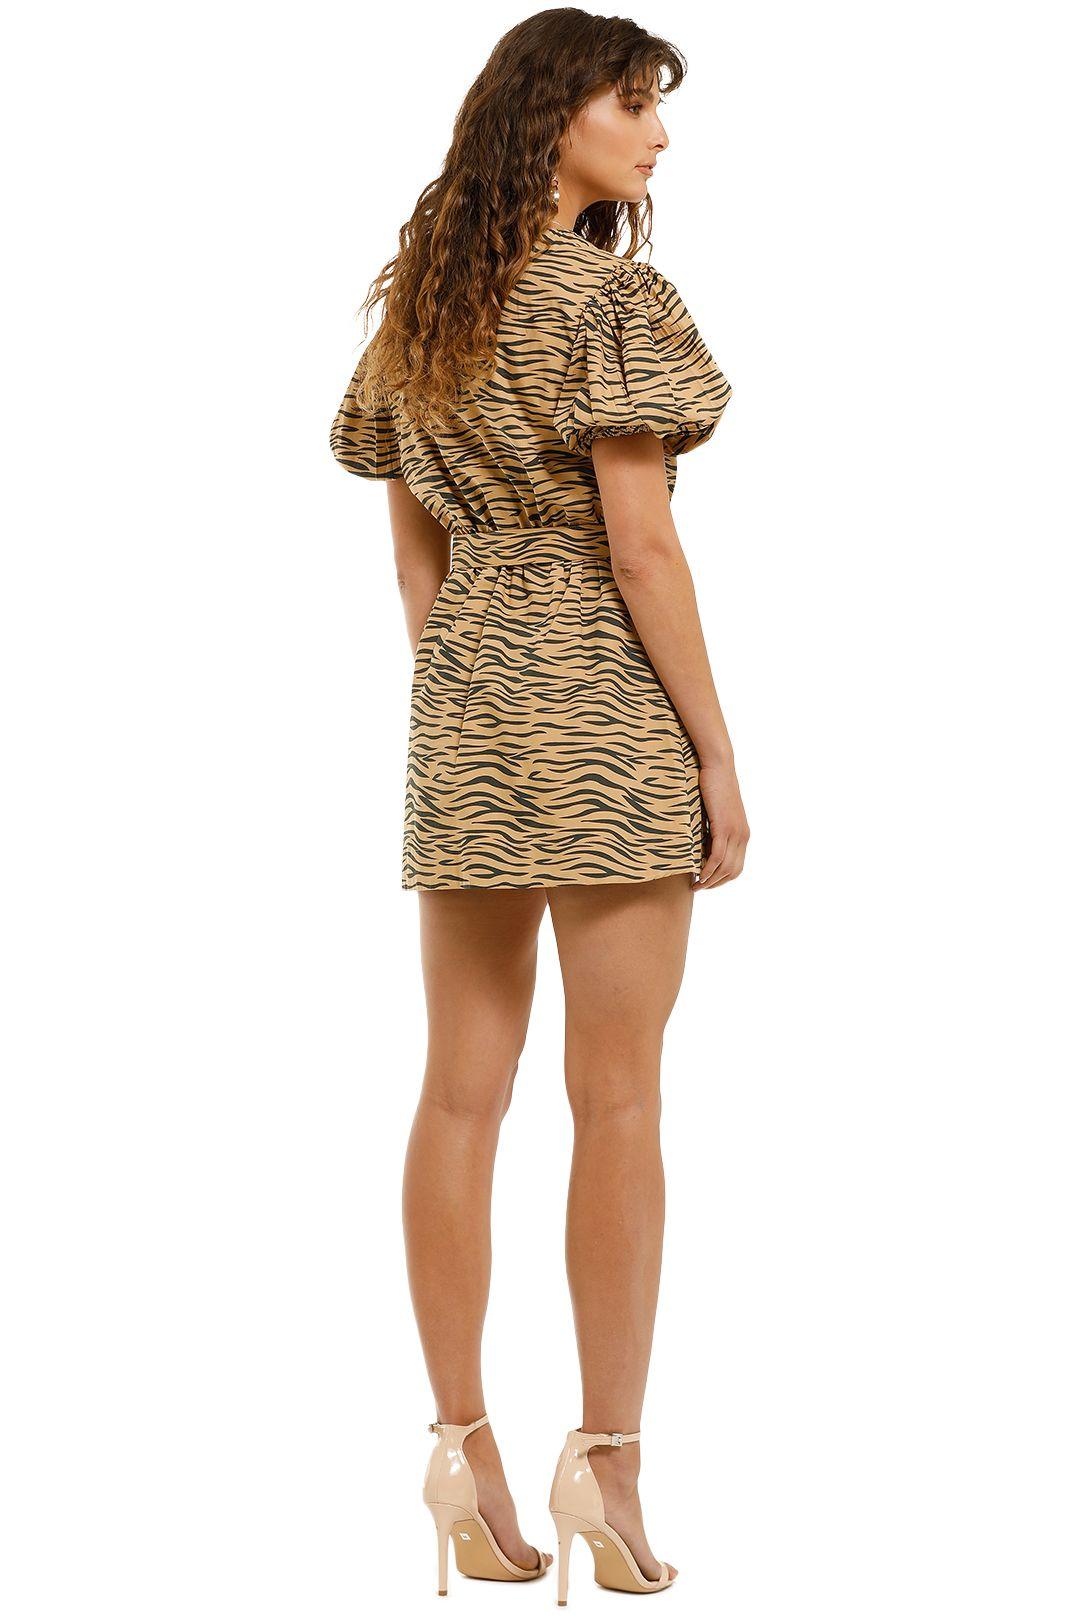 SWF-Tiger-Mini-Dress-Tiger-Print-Back